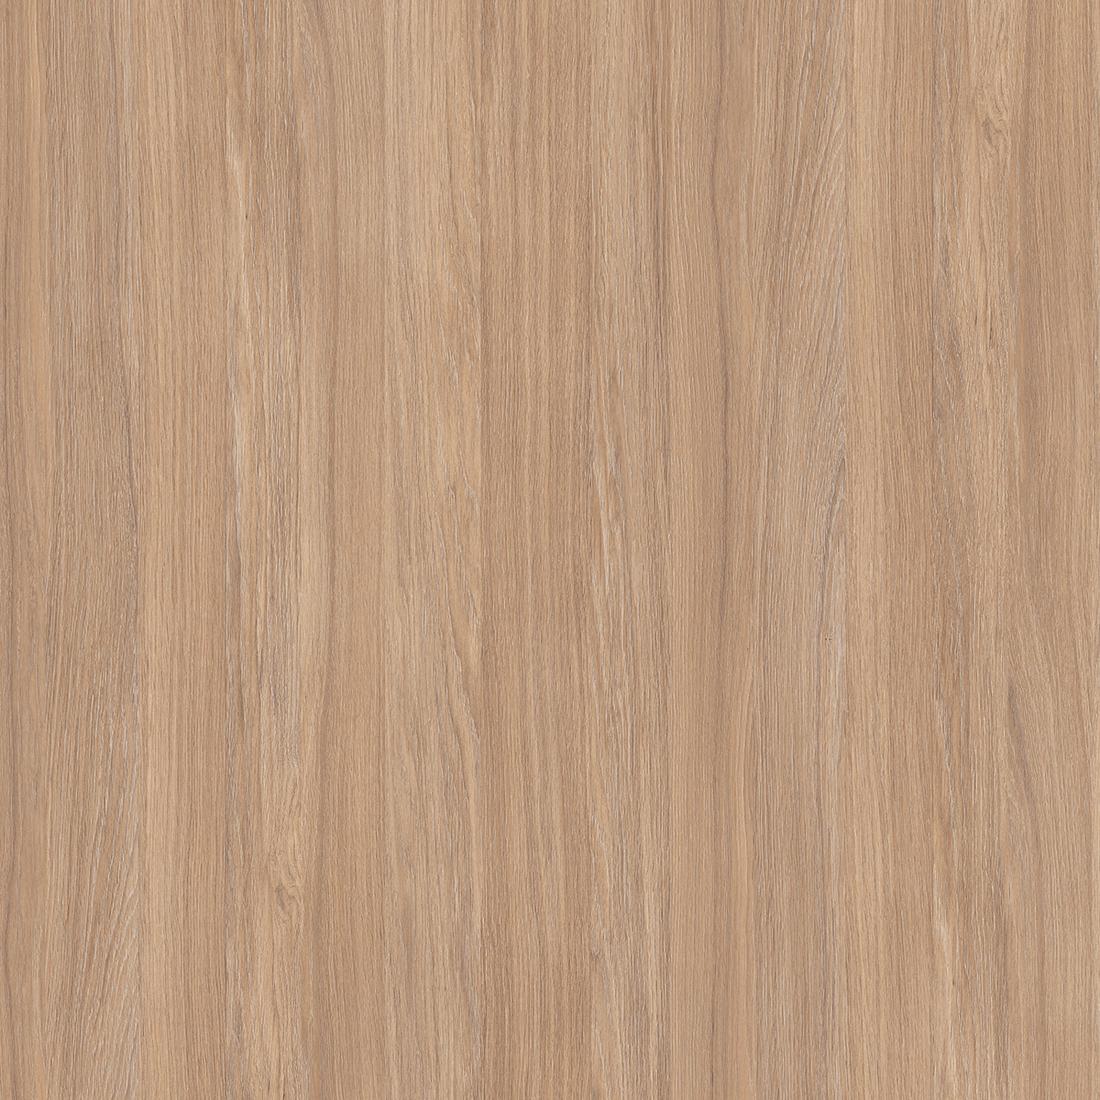 K006PW - Amber Urban Oak